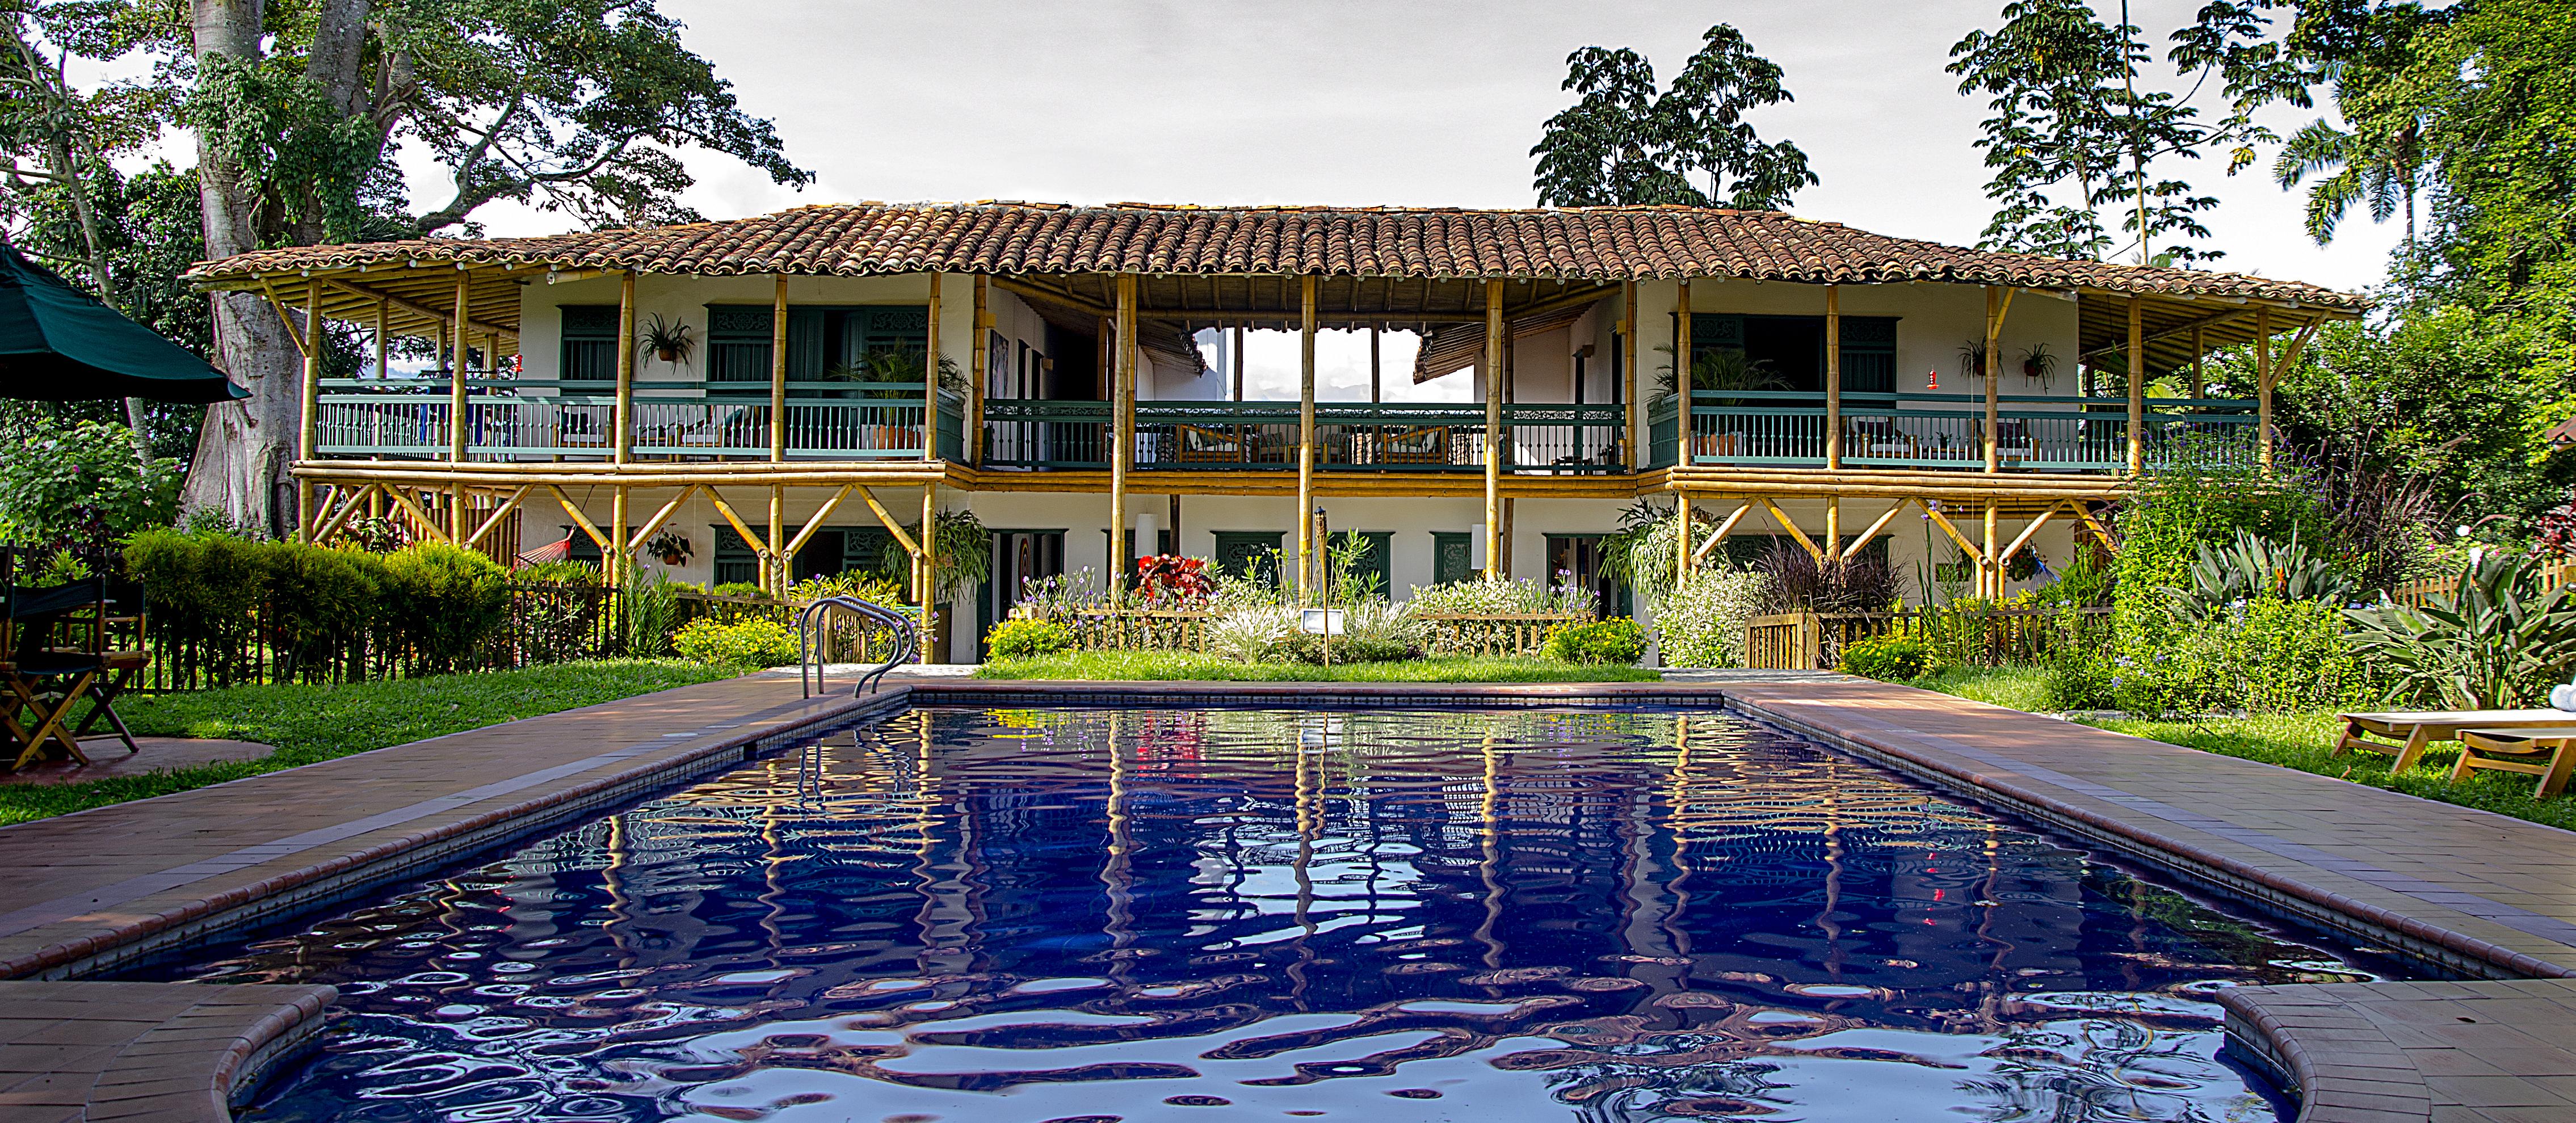 Hacienda-Bambusa-facade